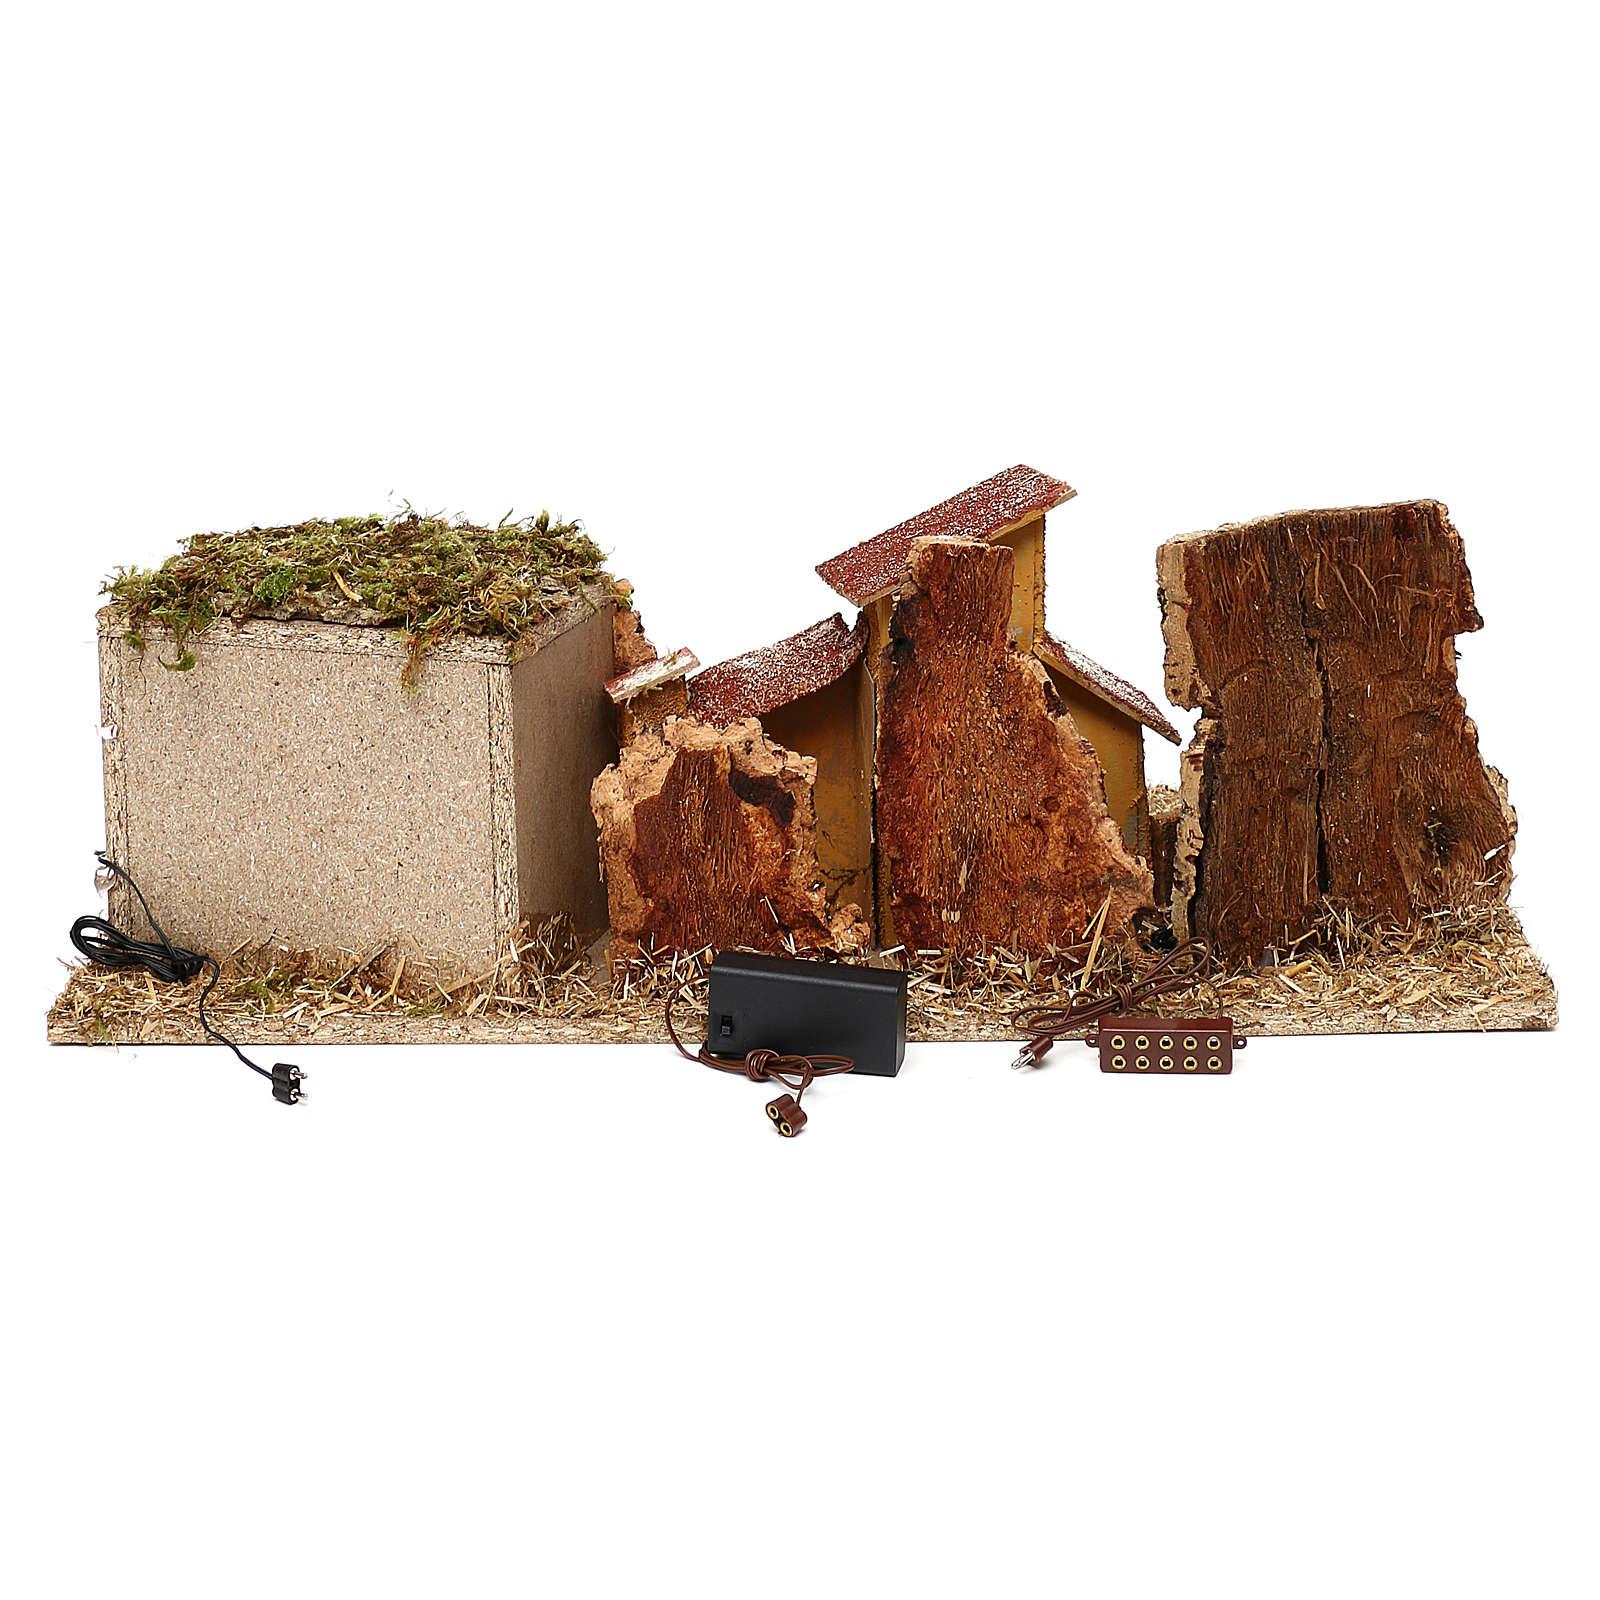 Grotta con casette presepe 7 cm 4